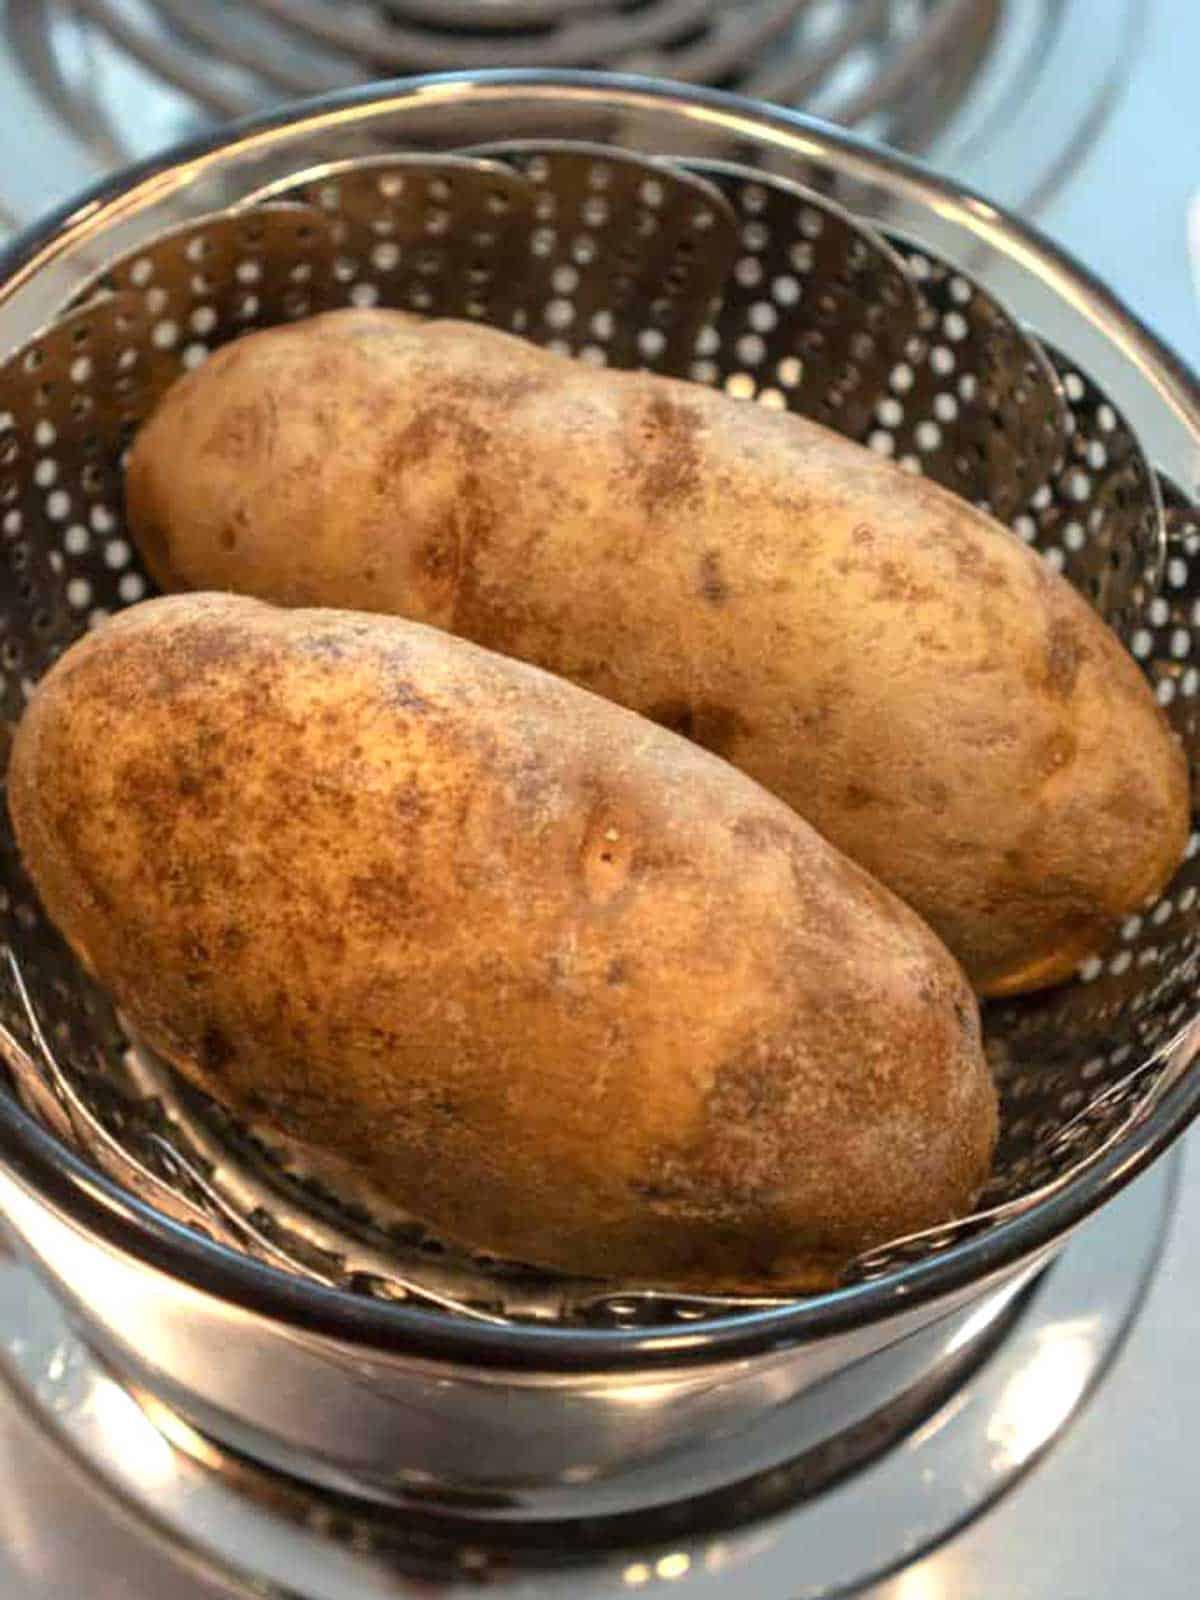 Steaming large baking potatoes.